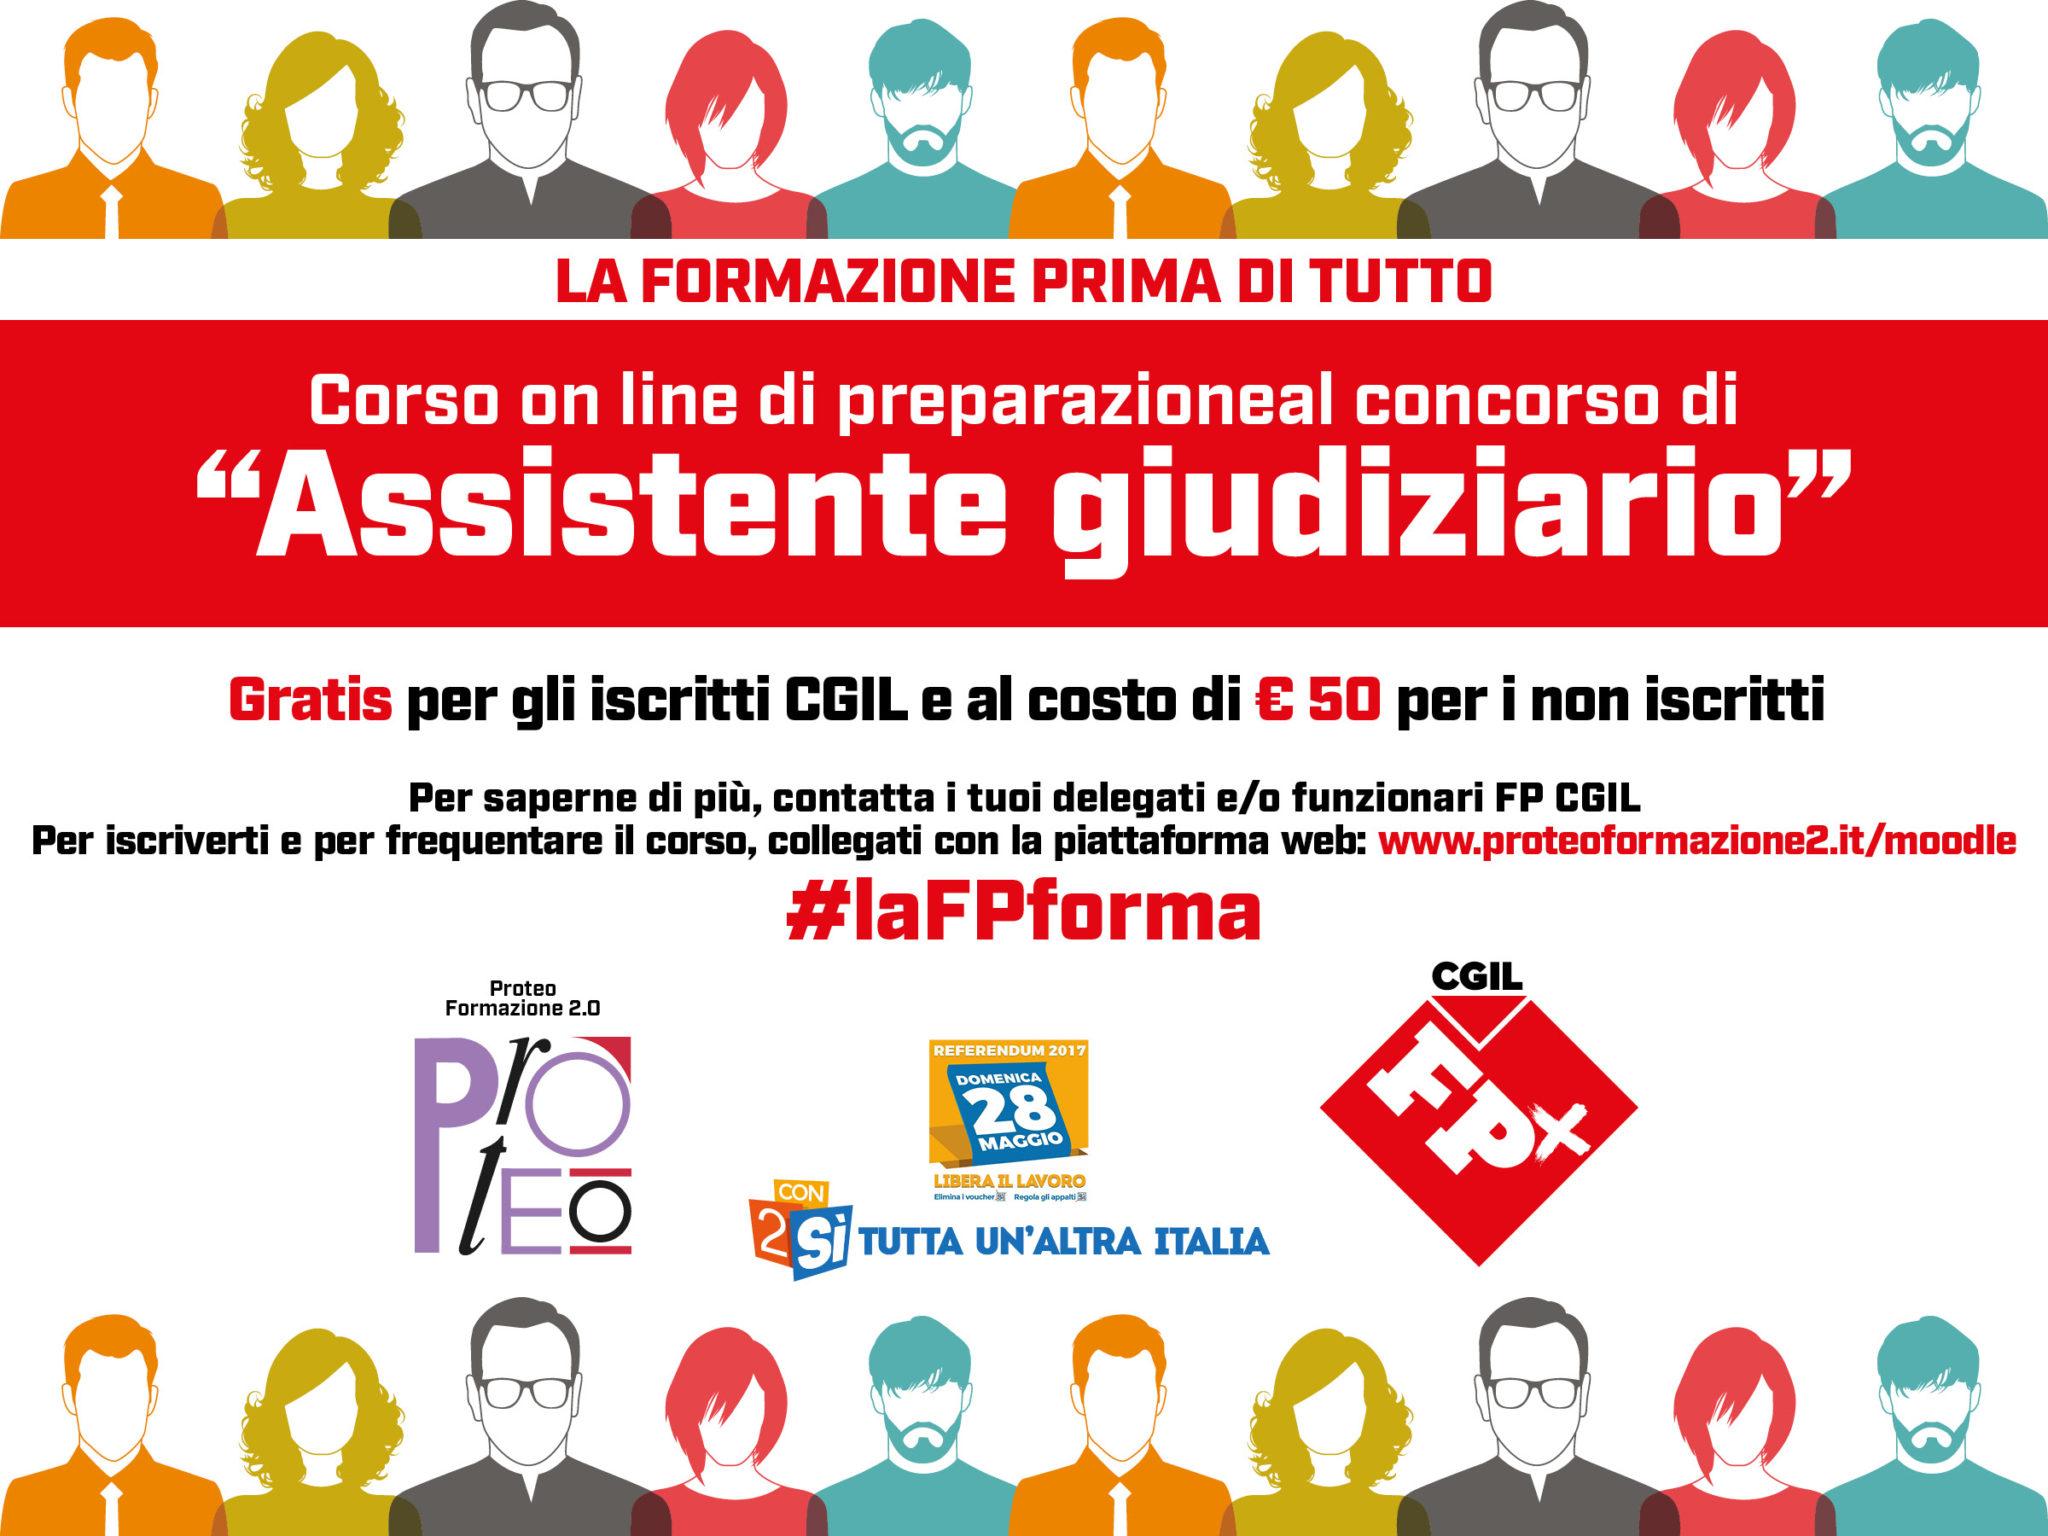 2400x1800_corso_preparazione_concorso_assistente_giudiziario